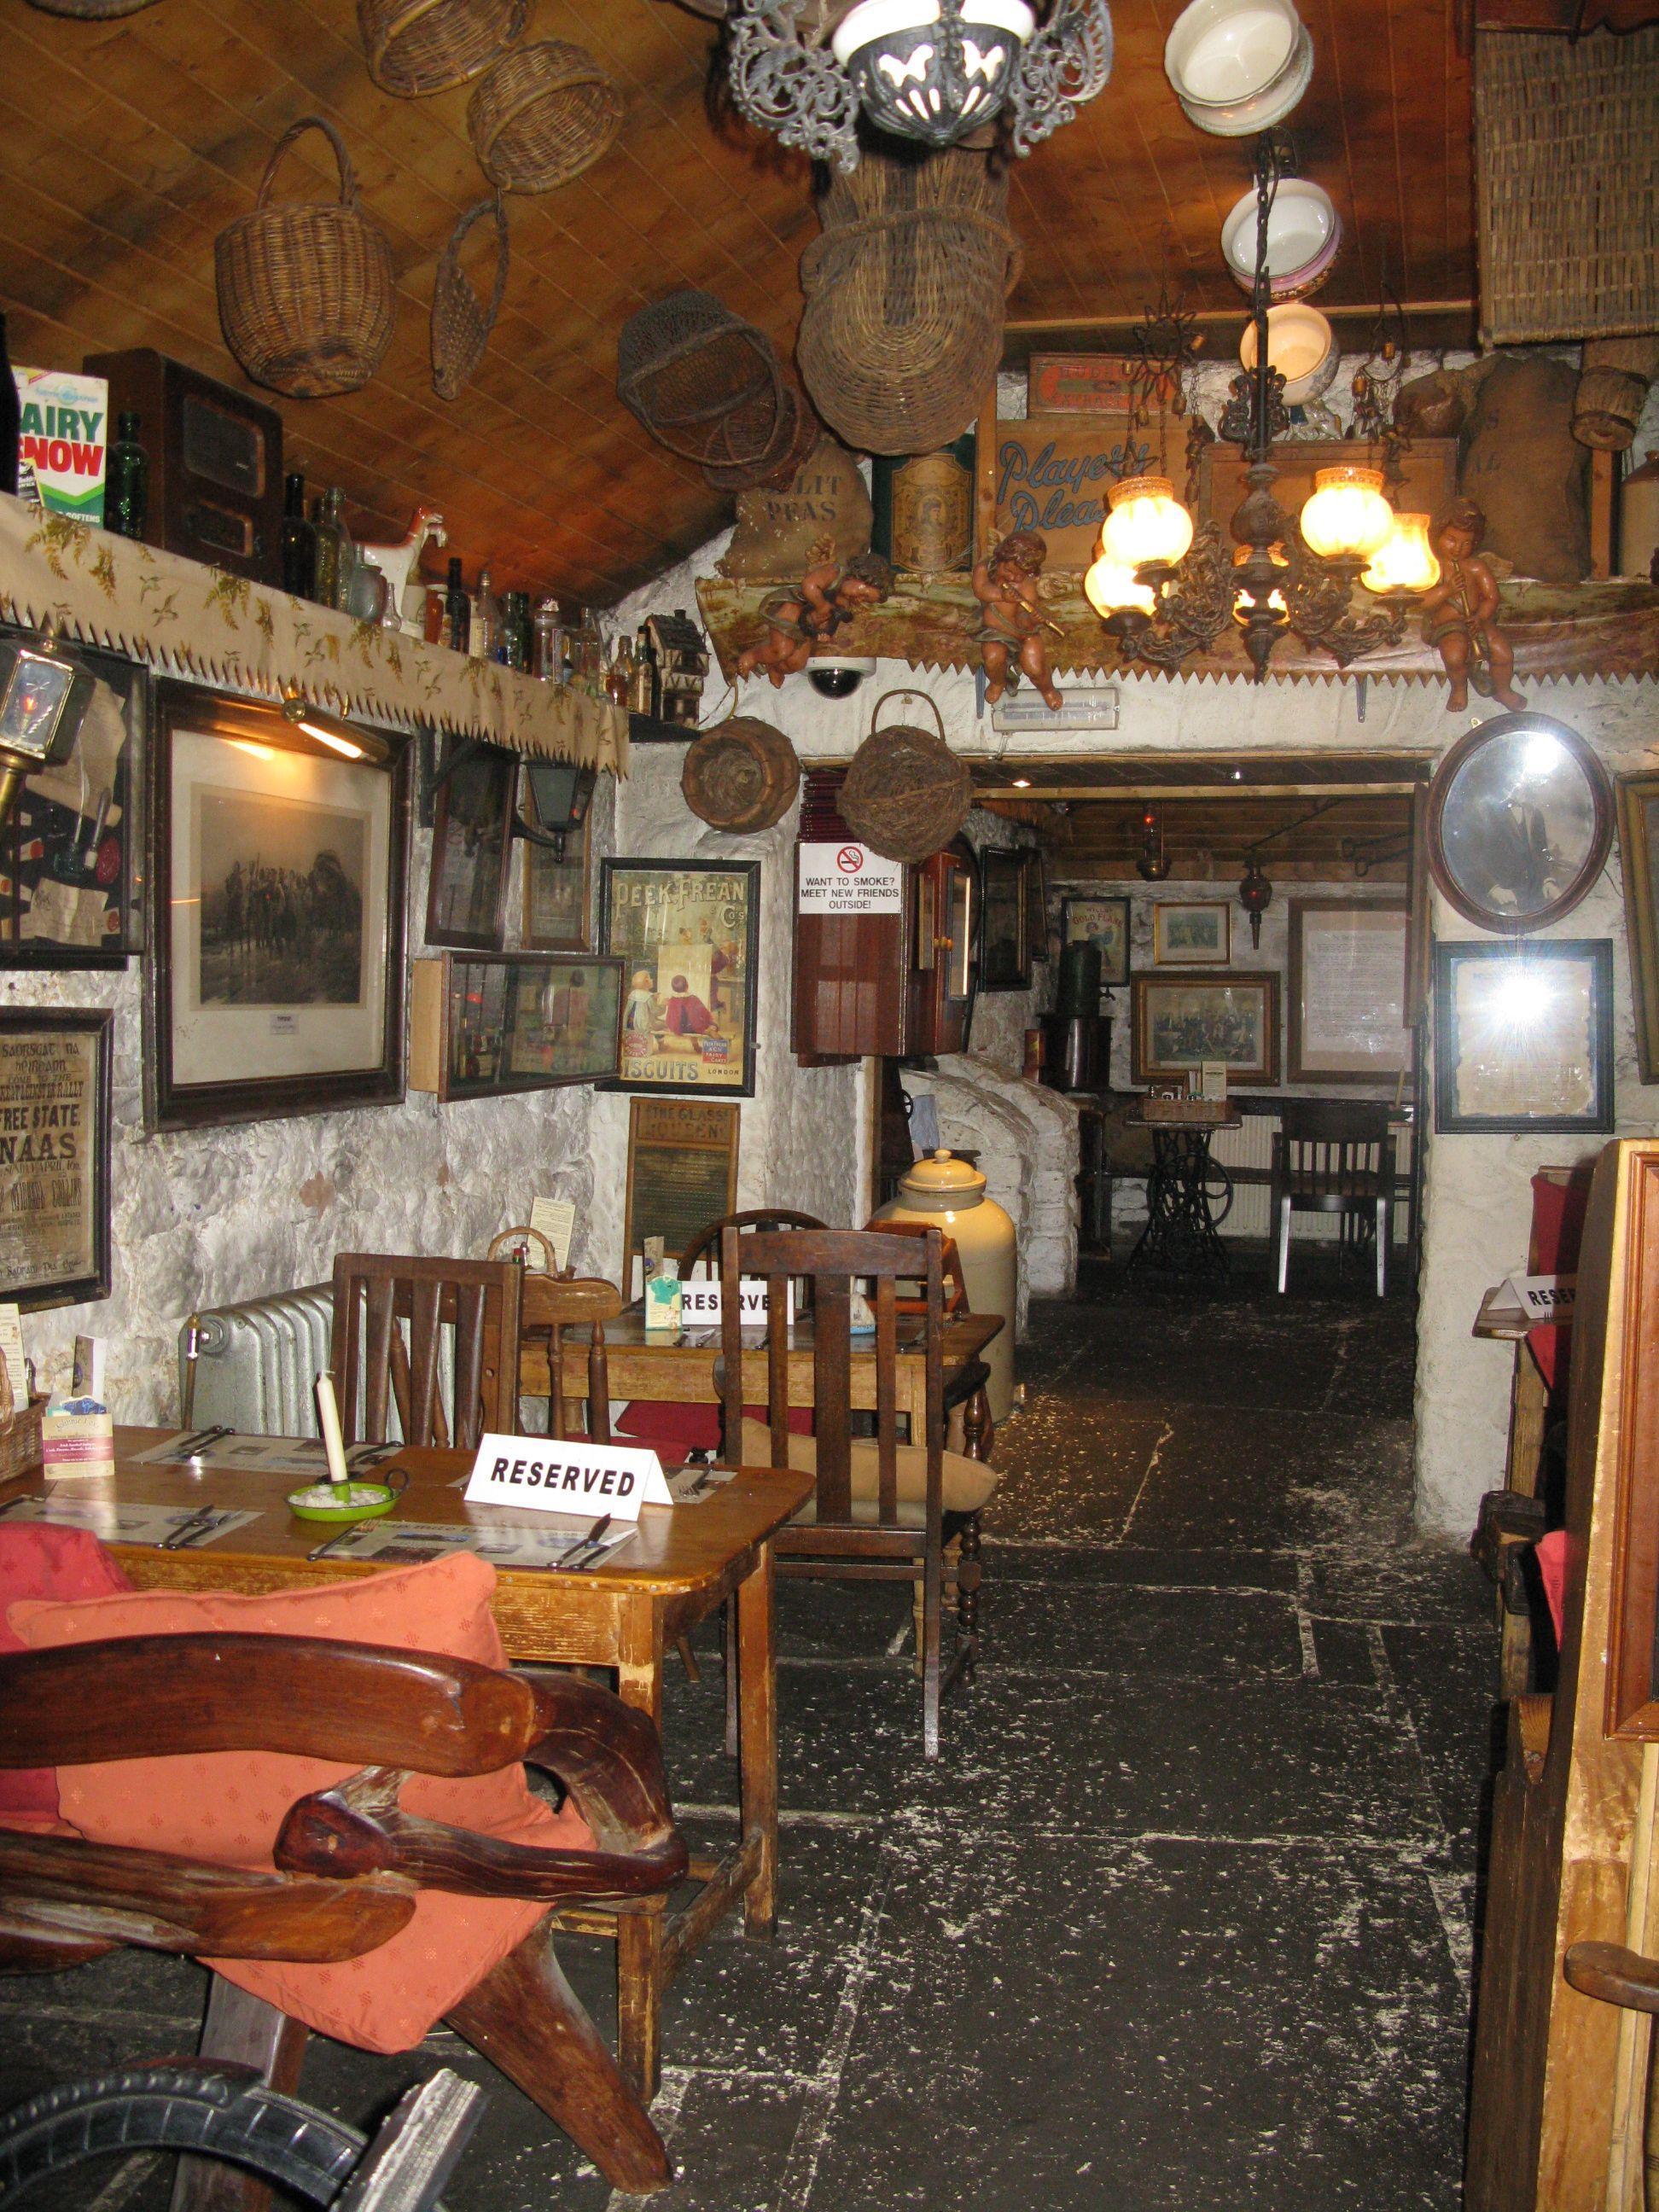 highestpubinireland Irish pub interior, Pub interior